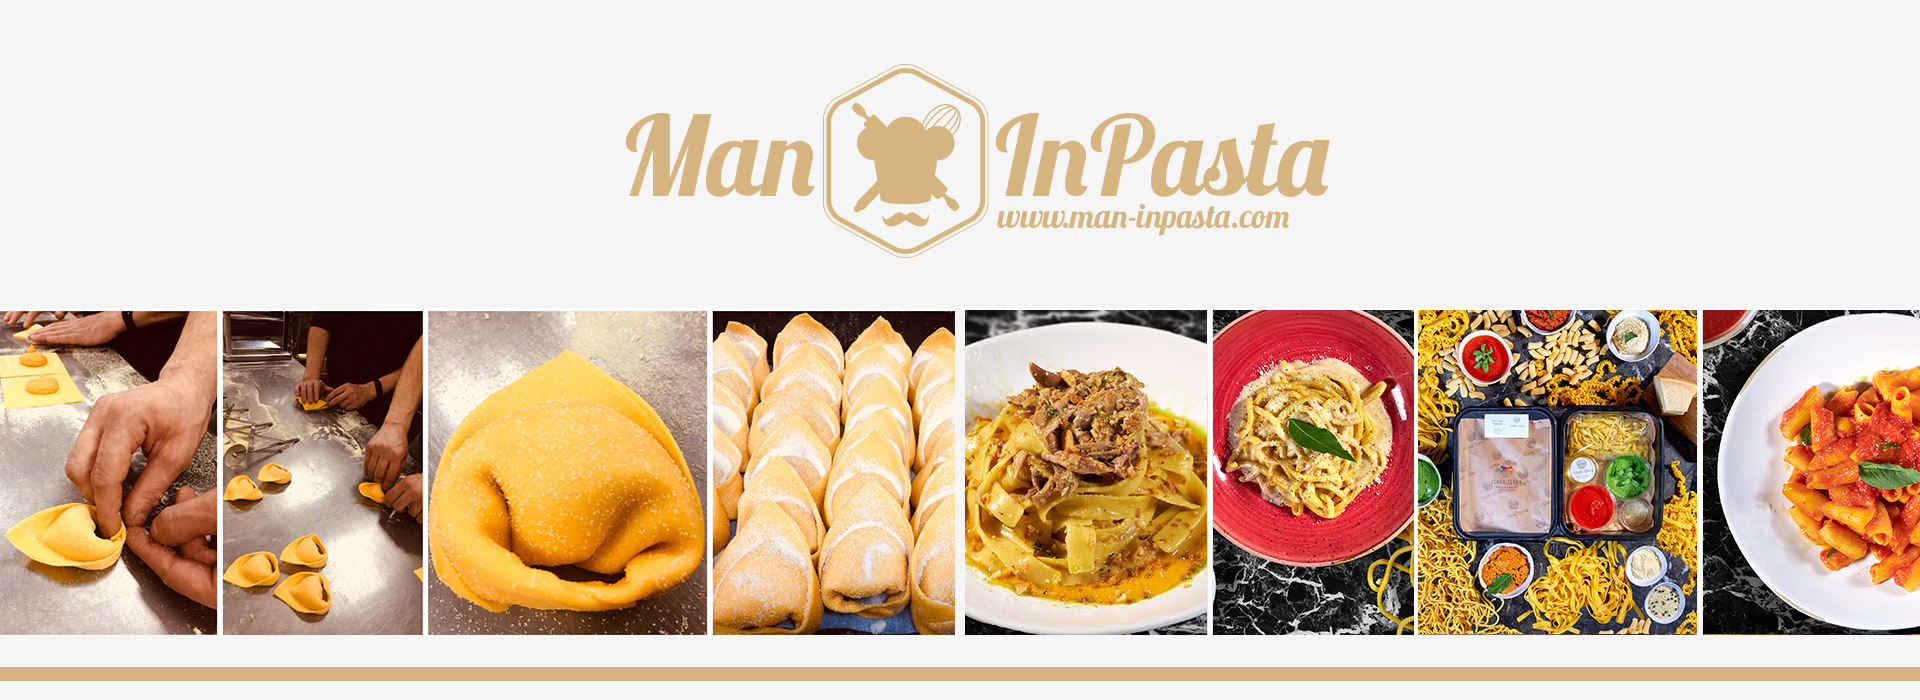 Man-in-pasta-various-pasta